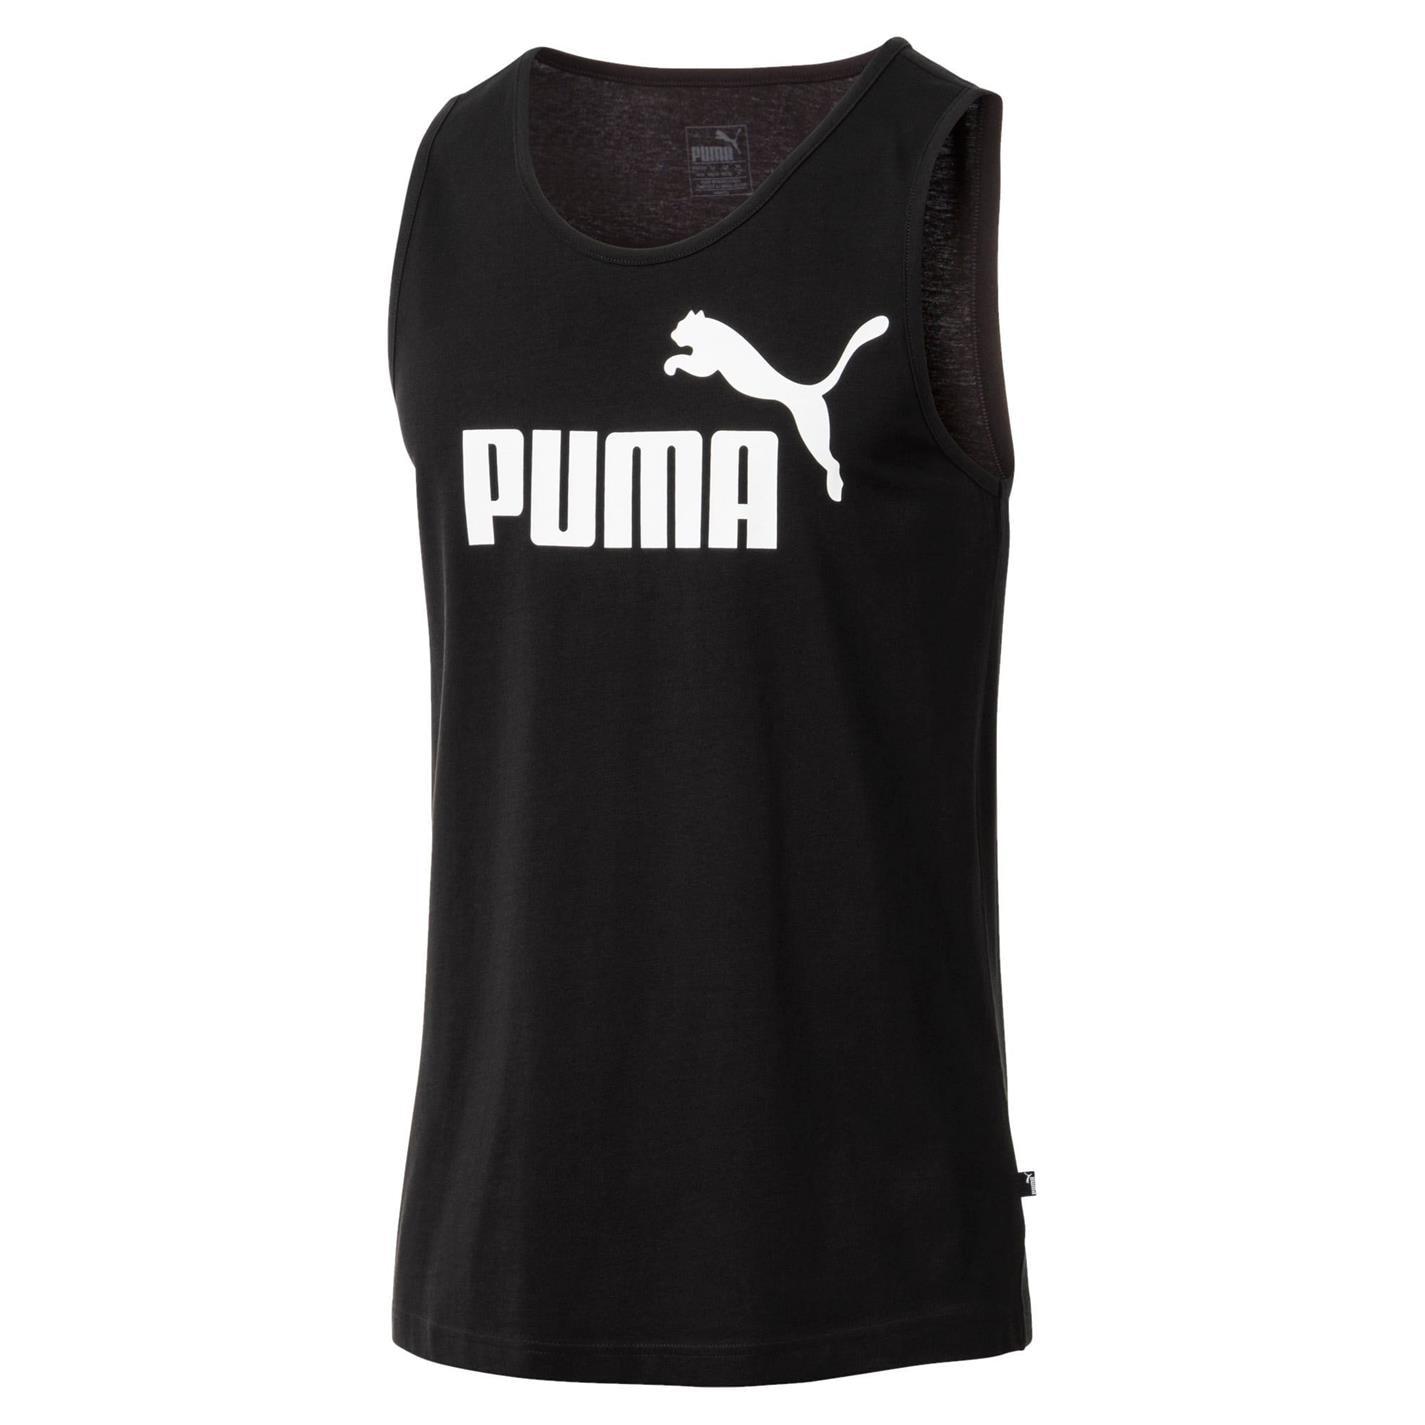 Mergi la Tricou fara Maneci Puma 1 pentru Barbati negru alb